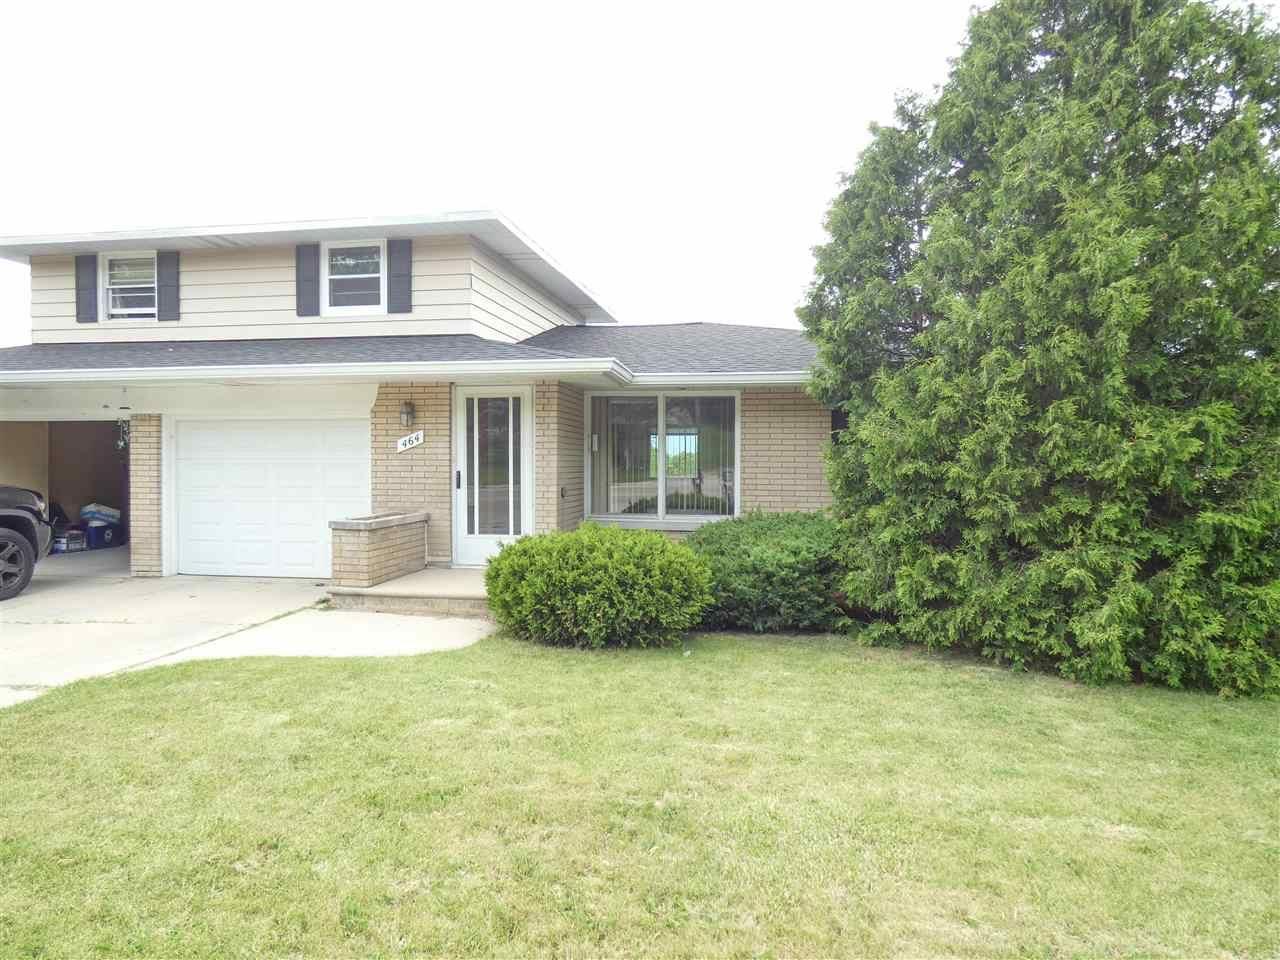 464 BADER Street, Green Bay, WI 54302 - MLS#: 50242776